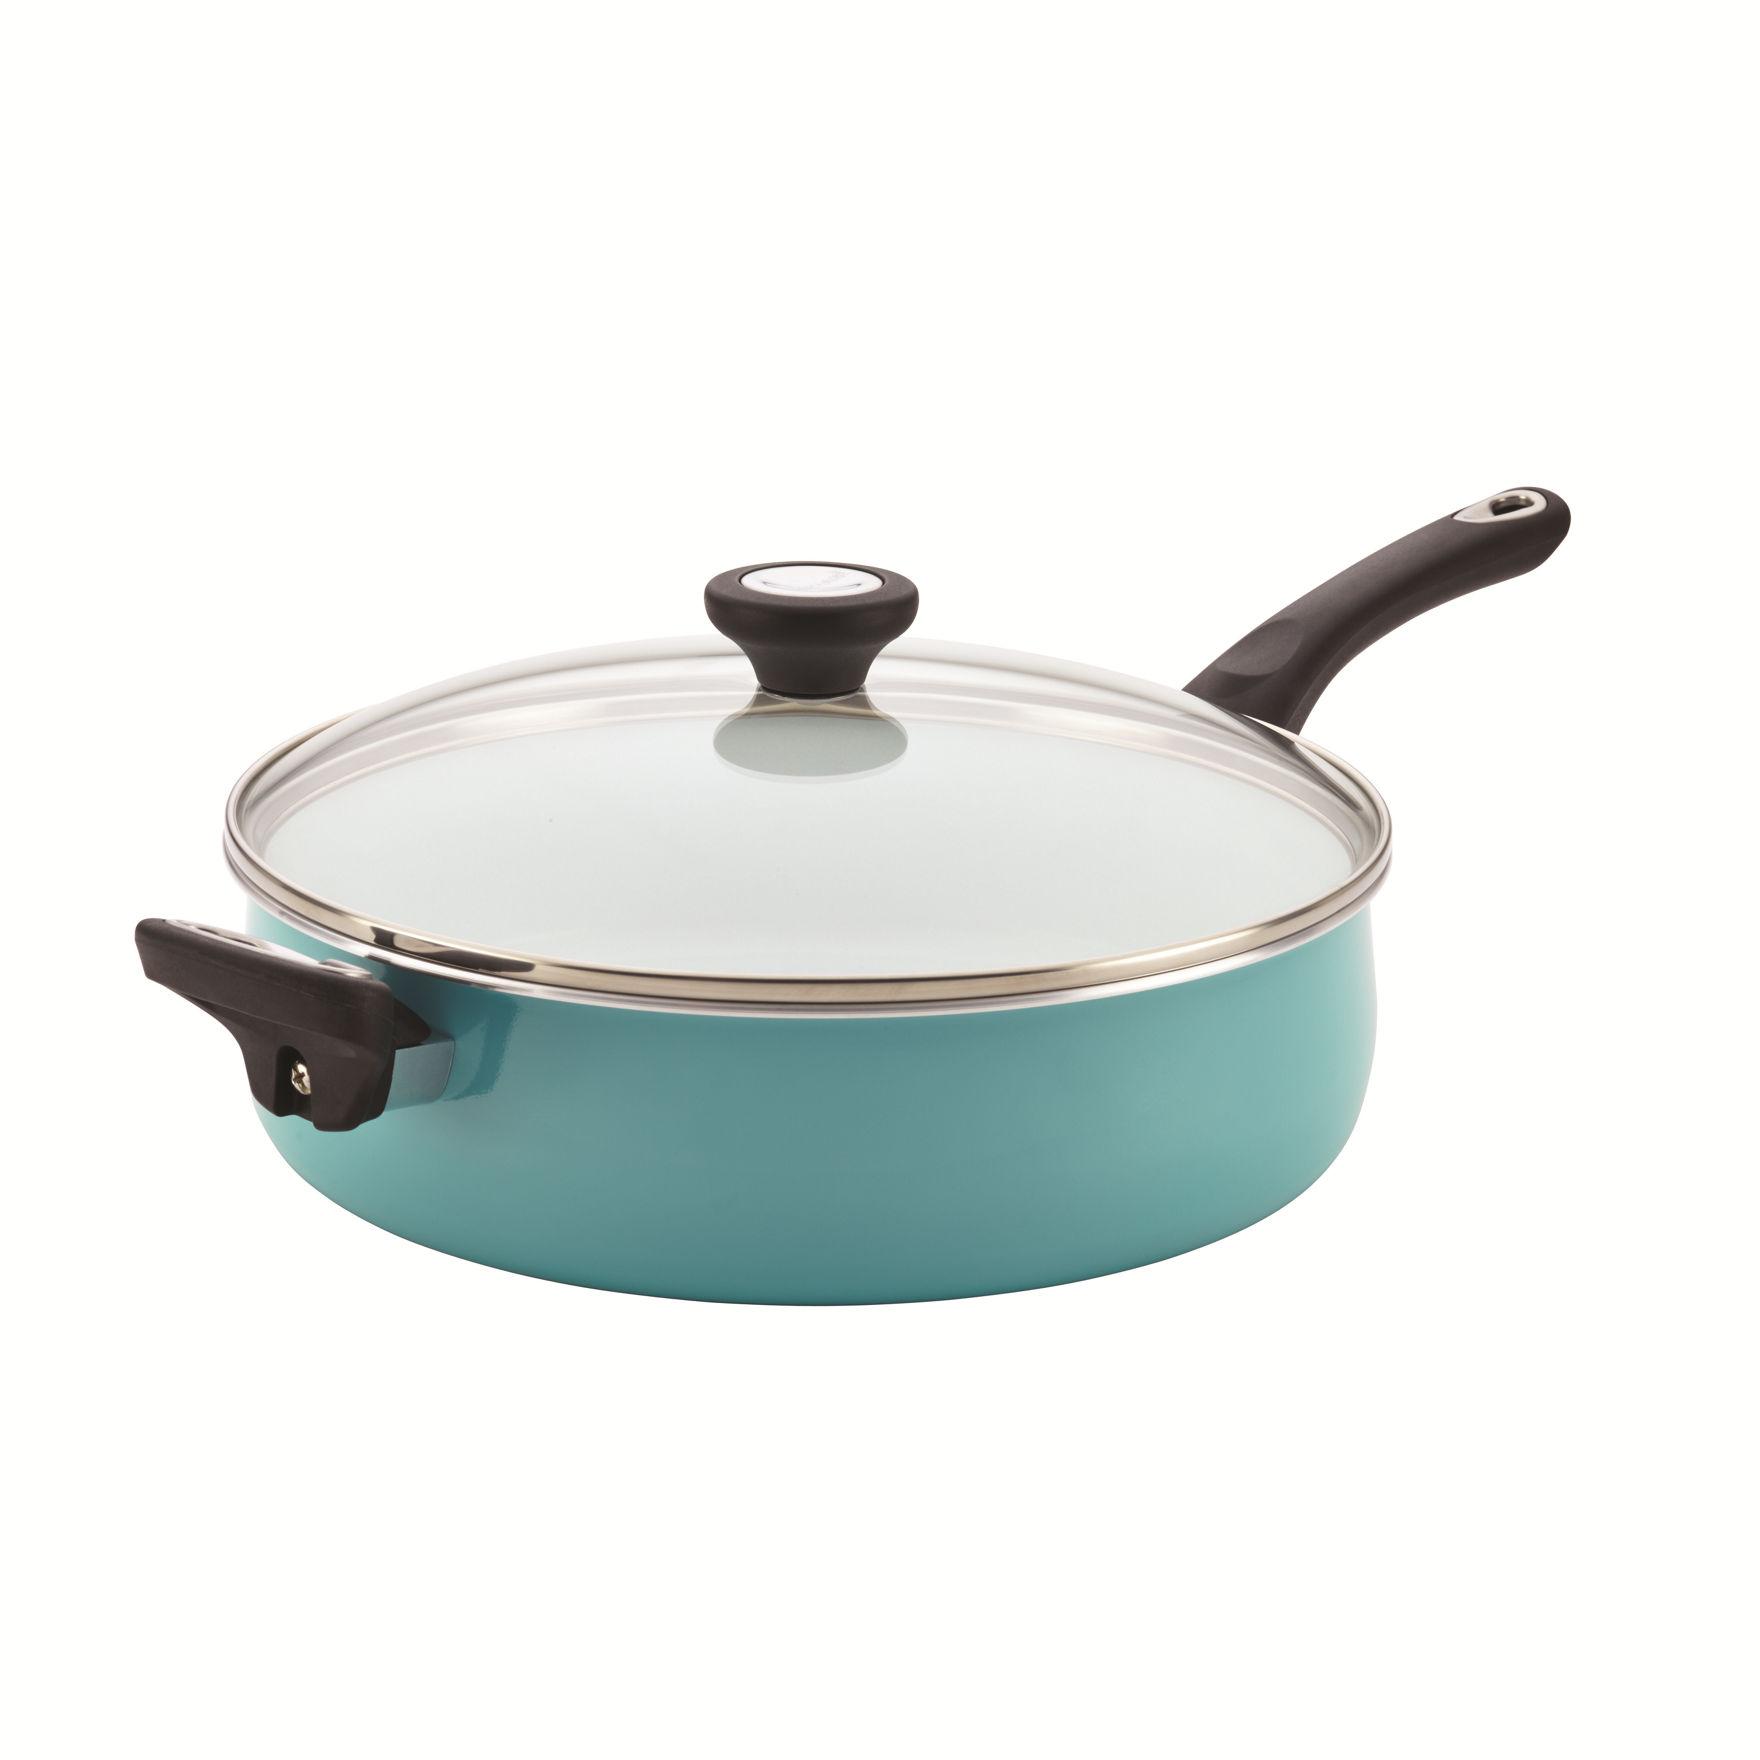 Farberware Aqua Pots & Dutch Ovens Cookware